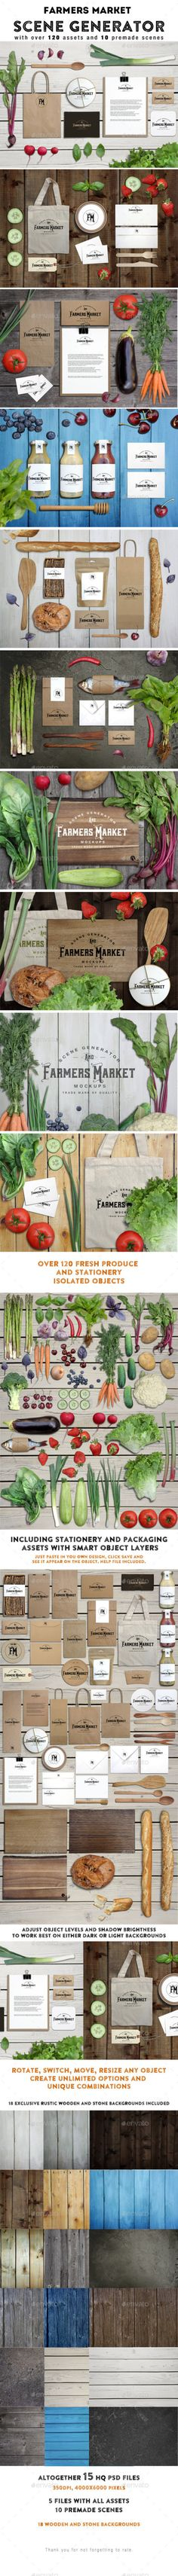 11831400 - Farmers Market Scene Generator